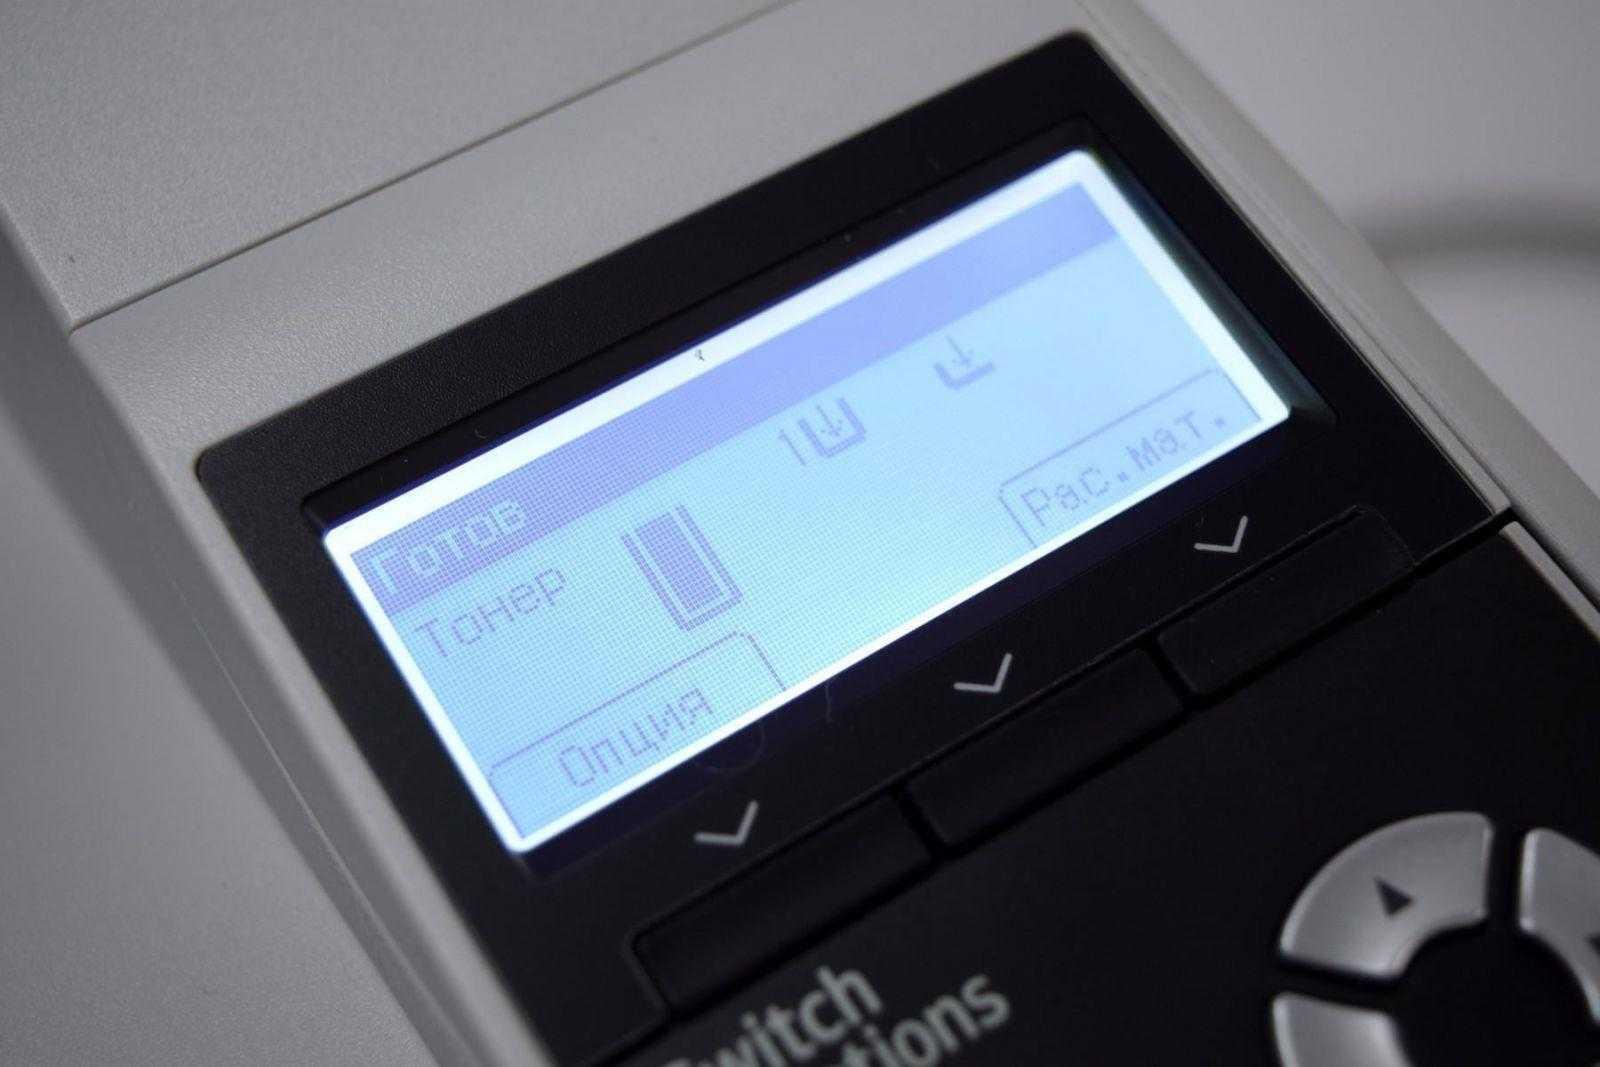 Обзор принтера Ricoh SP 450DN. Быстрая печать для офиса (DSC 0771)